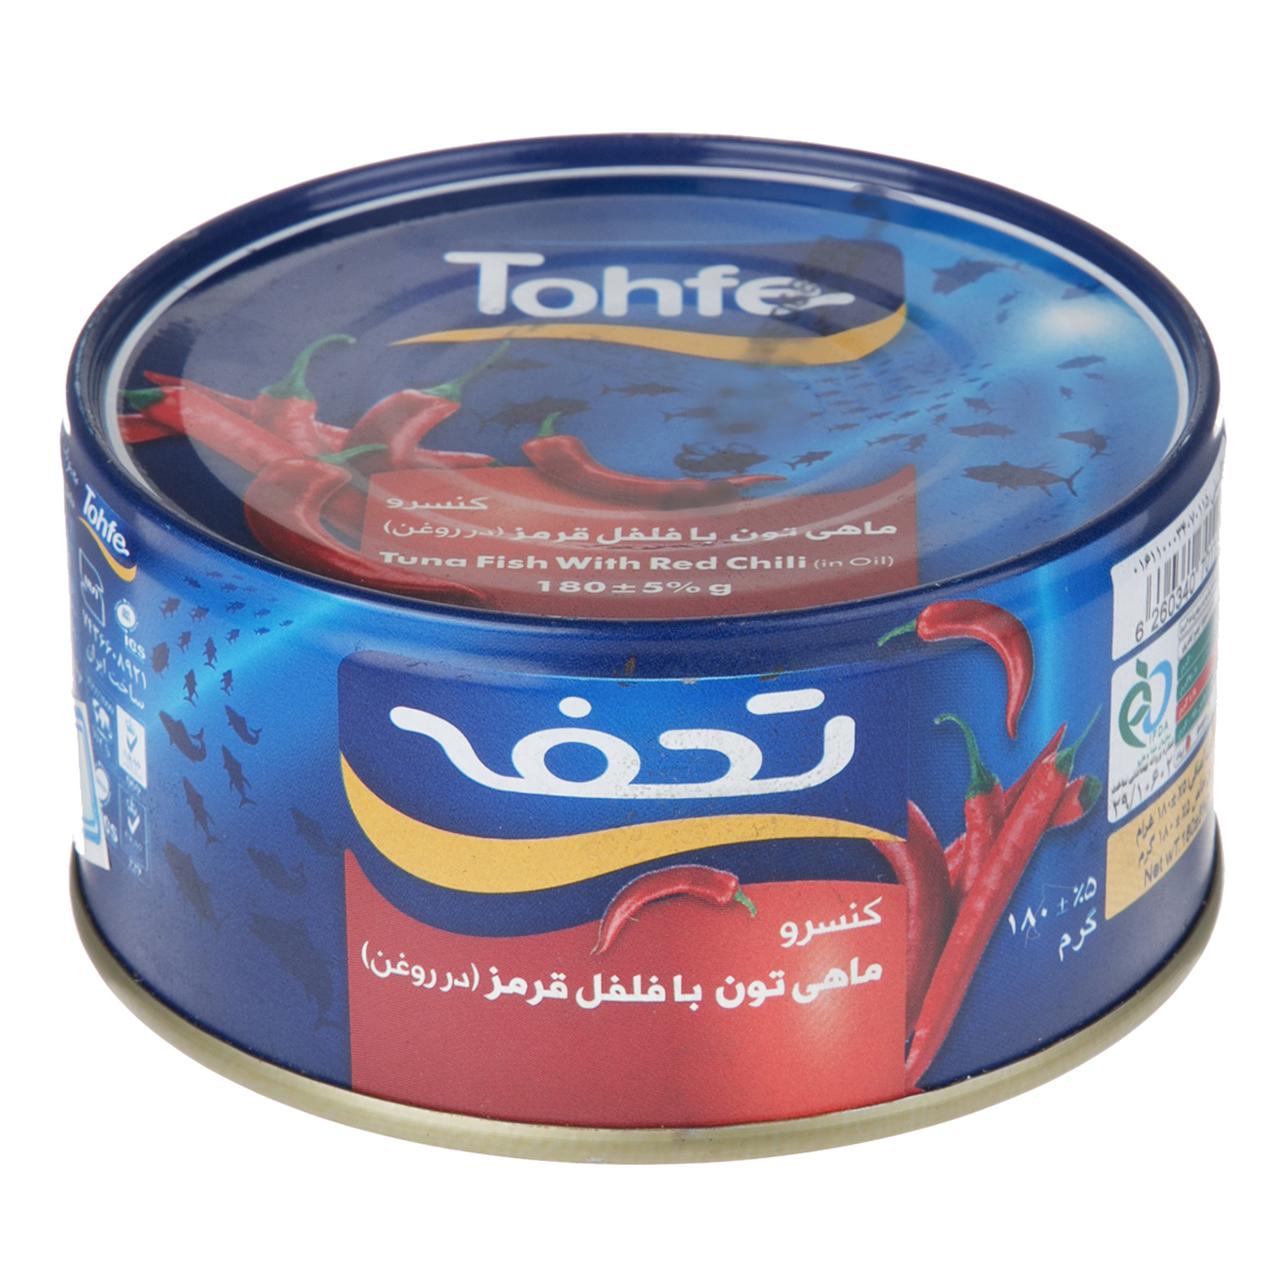 کنسرو ماهی تون با فلفل قرمز تحفه -180 گرم